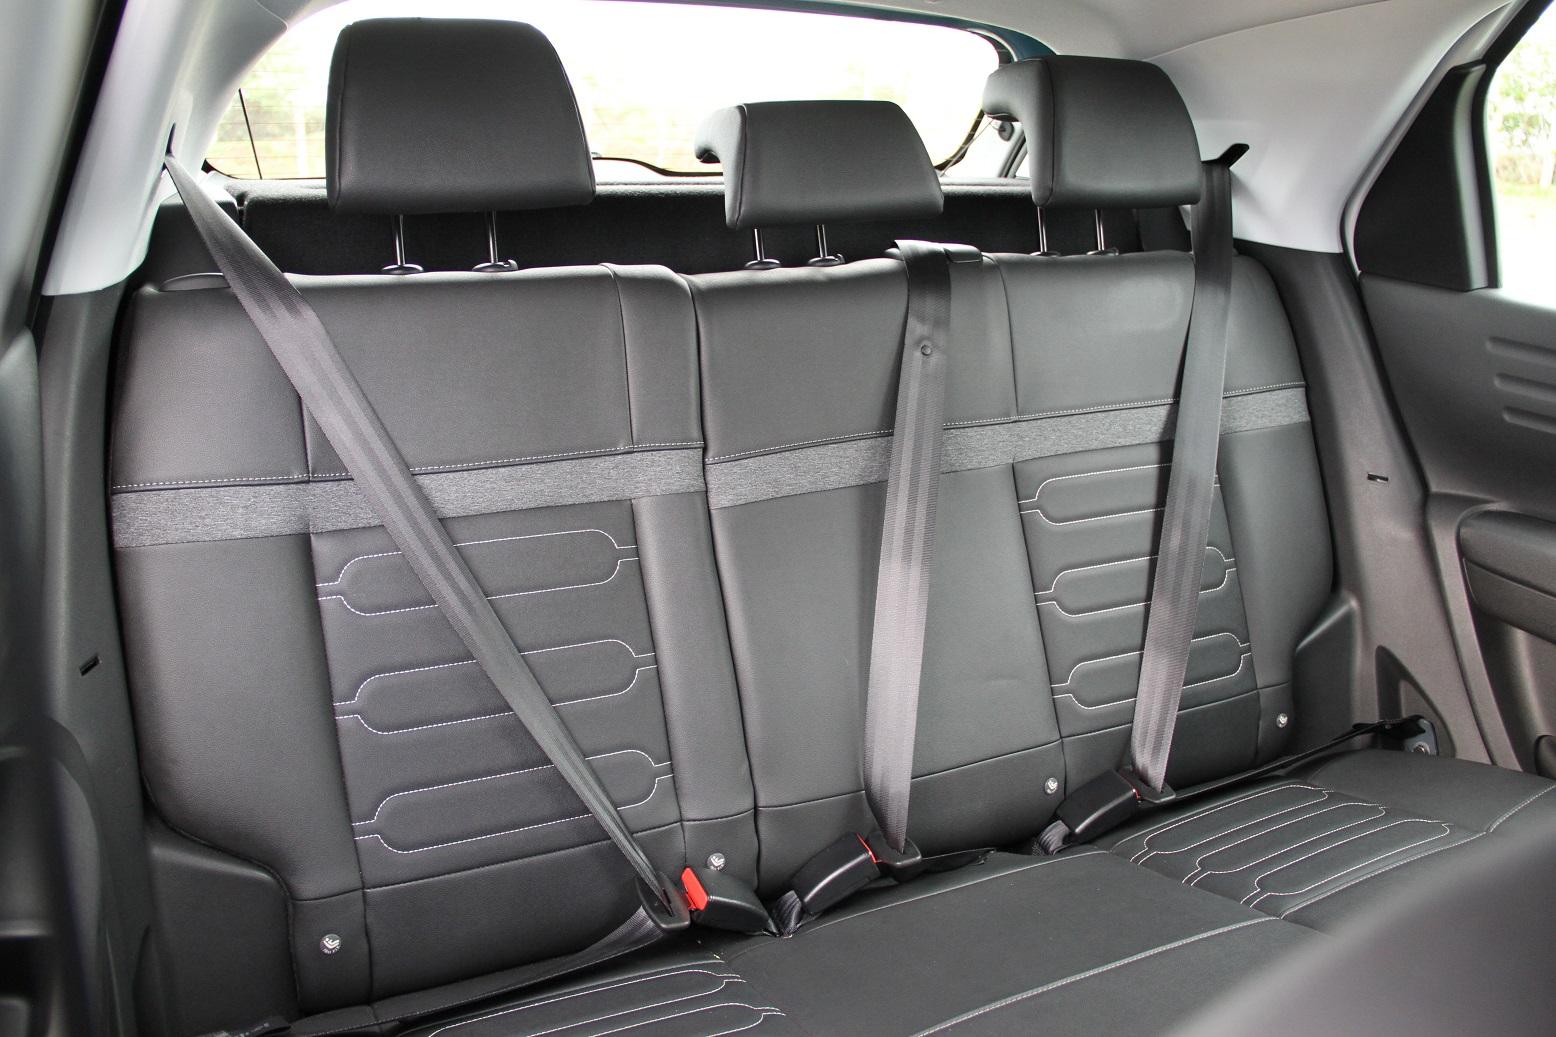 Diferencial do Citroën C4 Cactus é justamente o comportamento dinâmico mais afiado que o dos utilitários convencionais